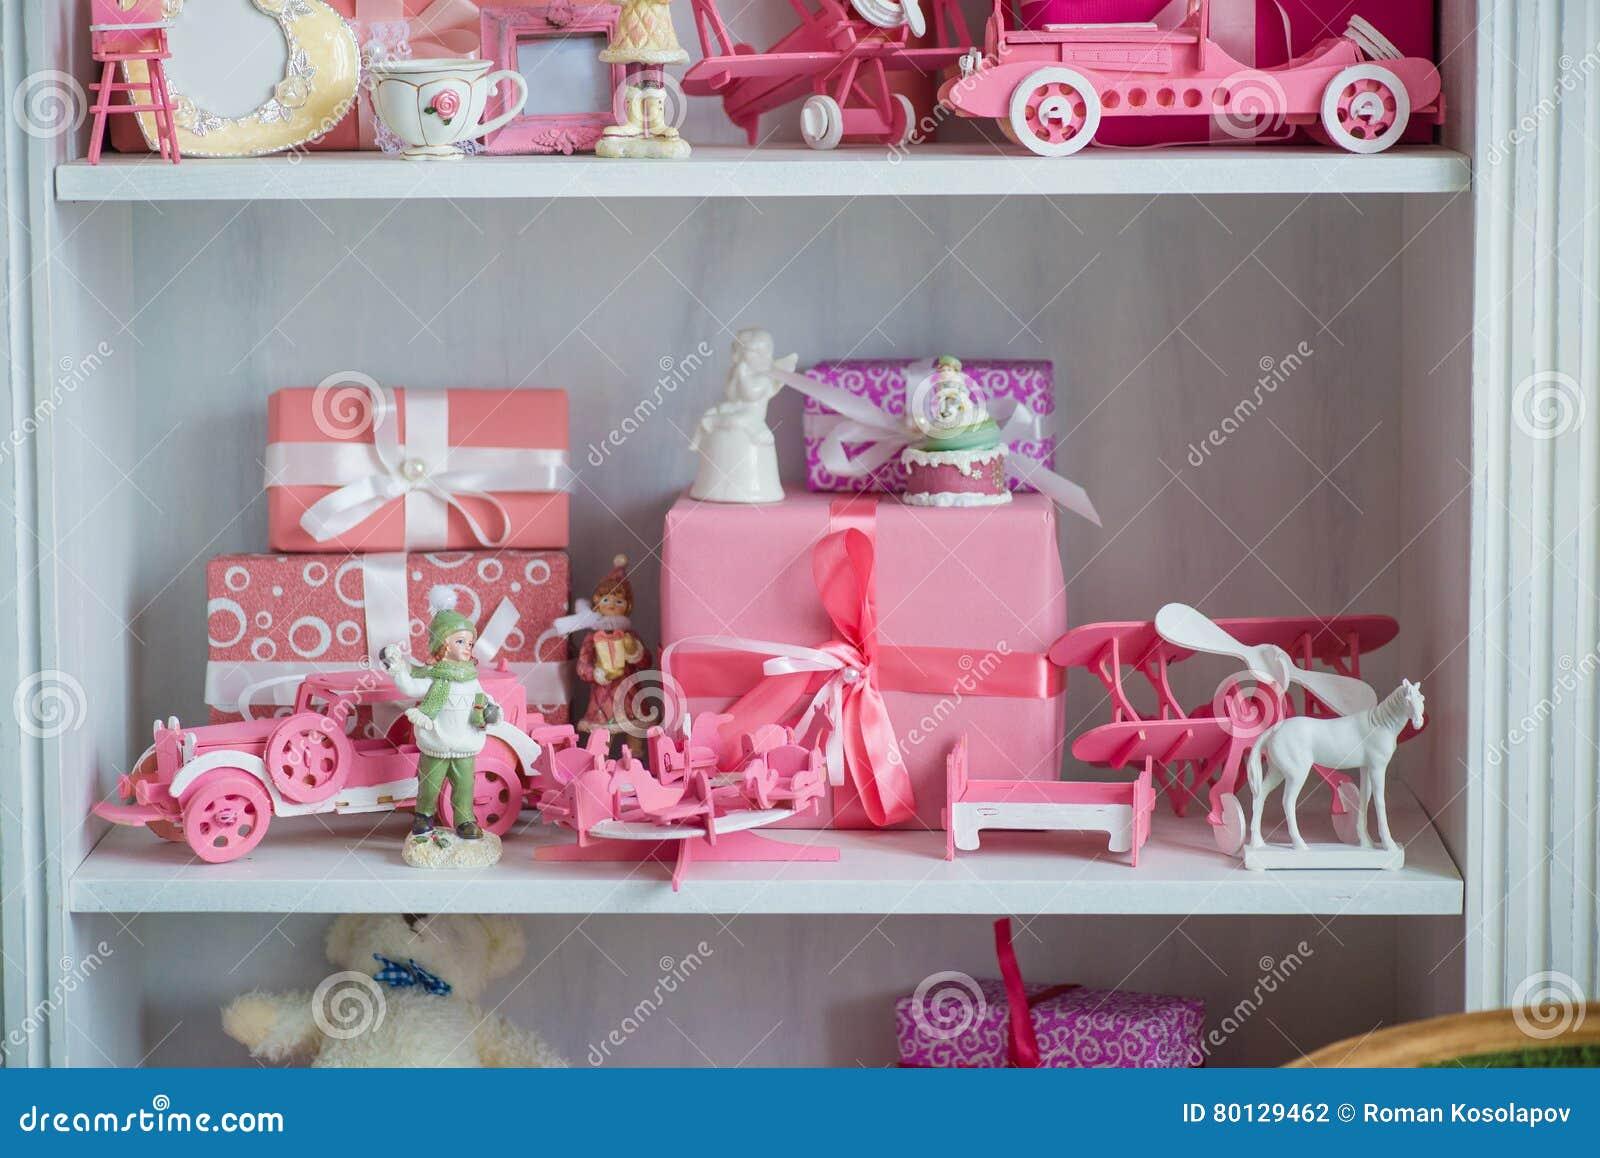 Weihnachtsgeschenke Im Kasten Auf Einem Regal, Einem Rosa Auto ...